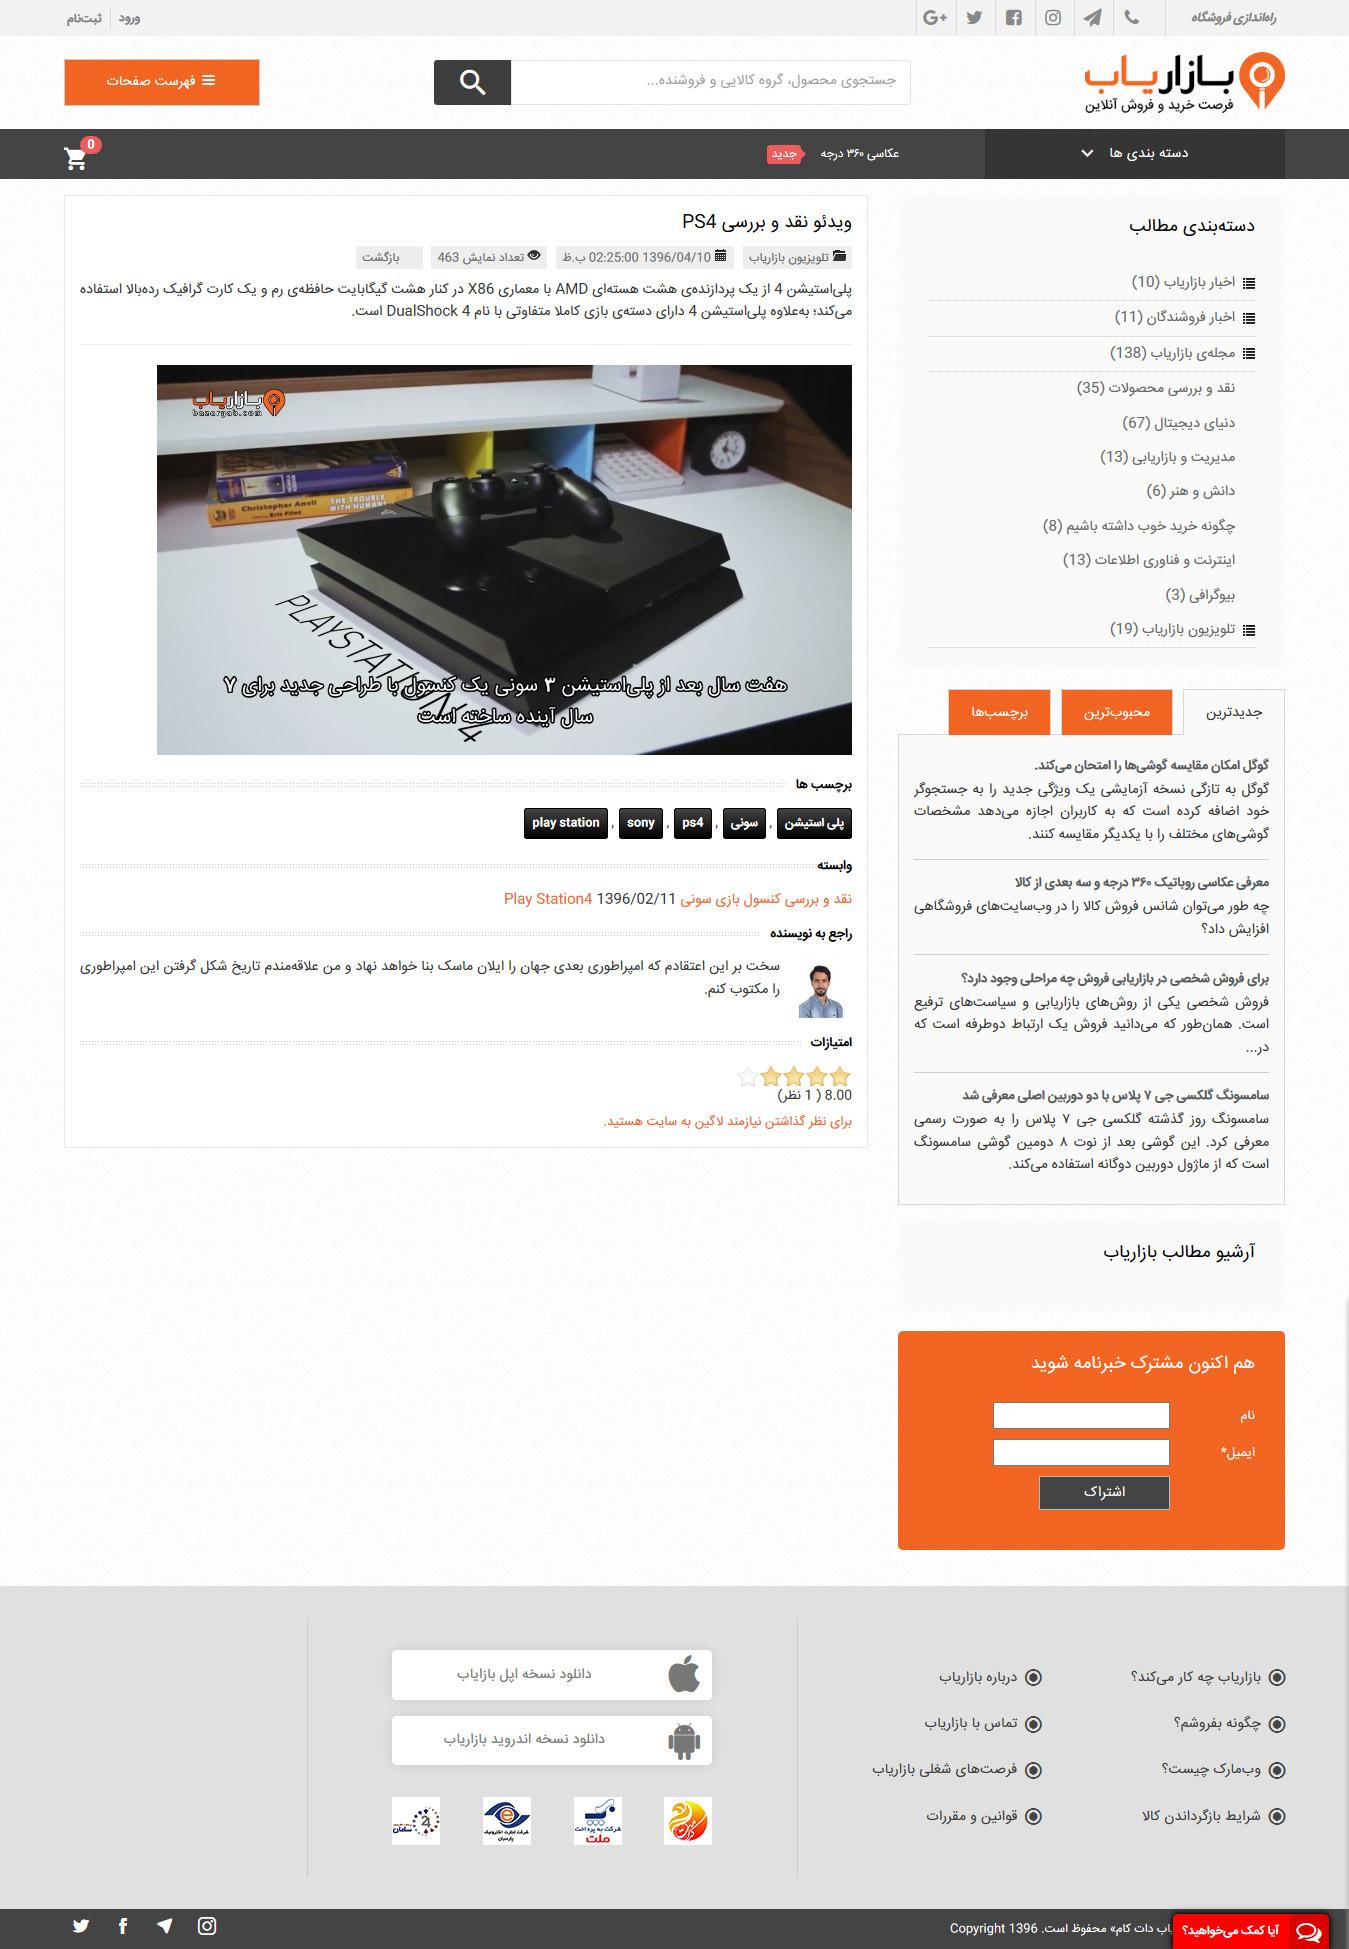 bazaryab-com-TV-View